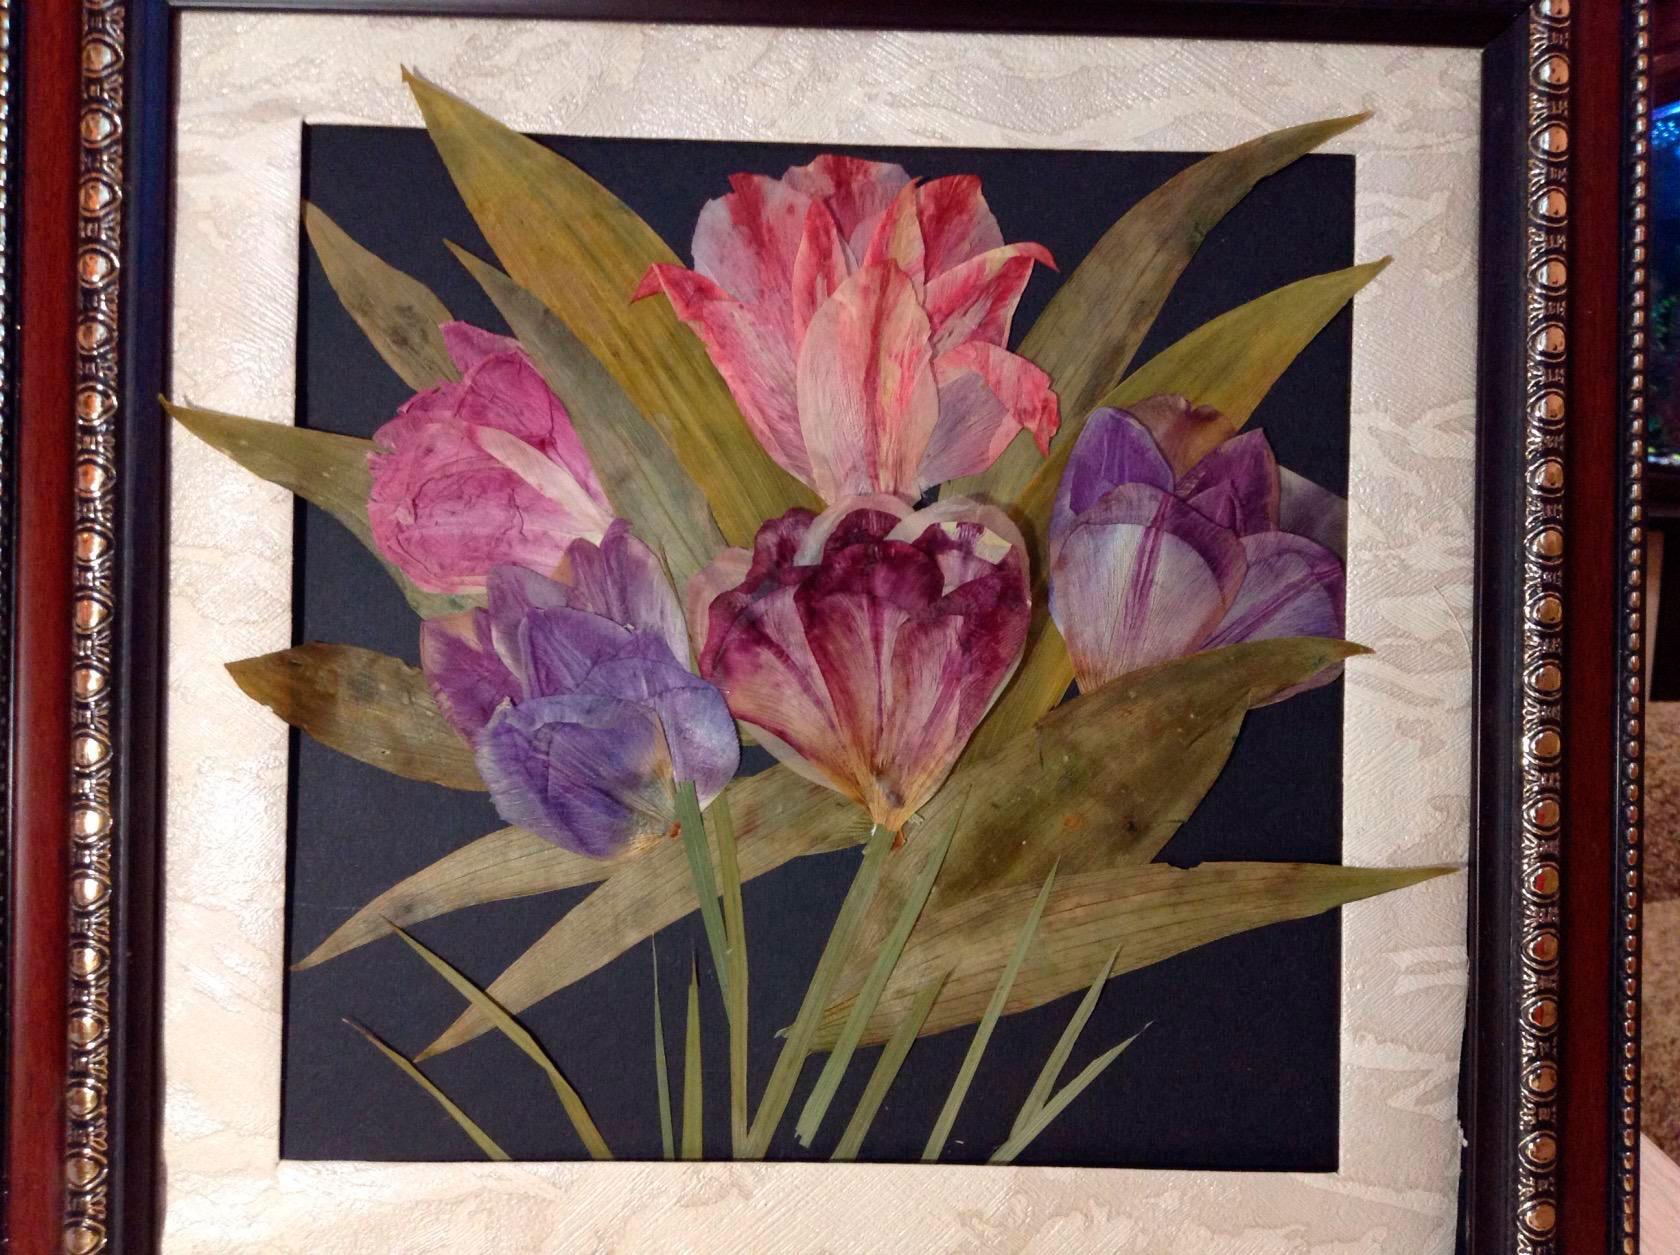 Открытки в технике ошибане, екатеринбург красивые цветы